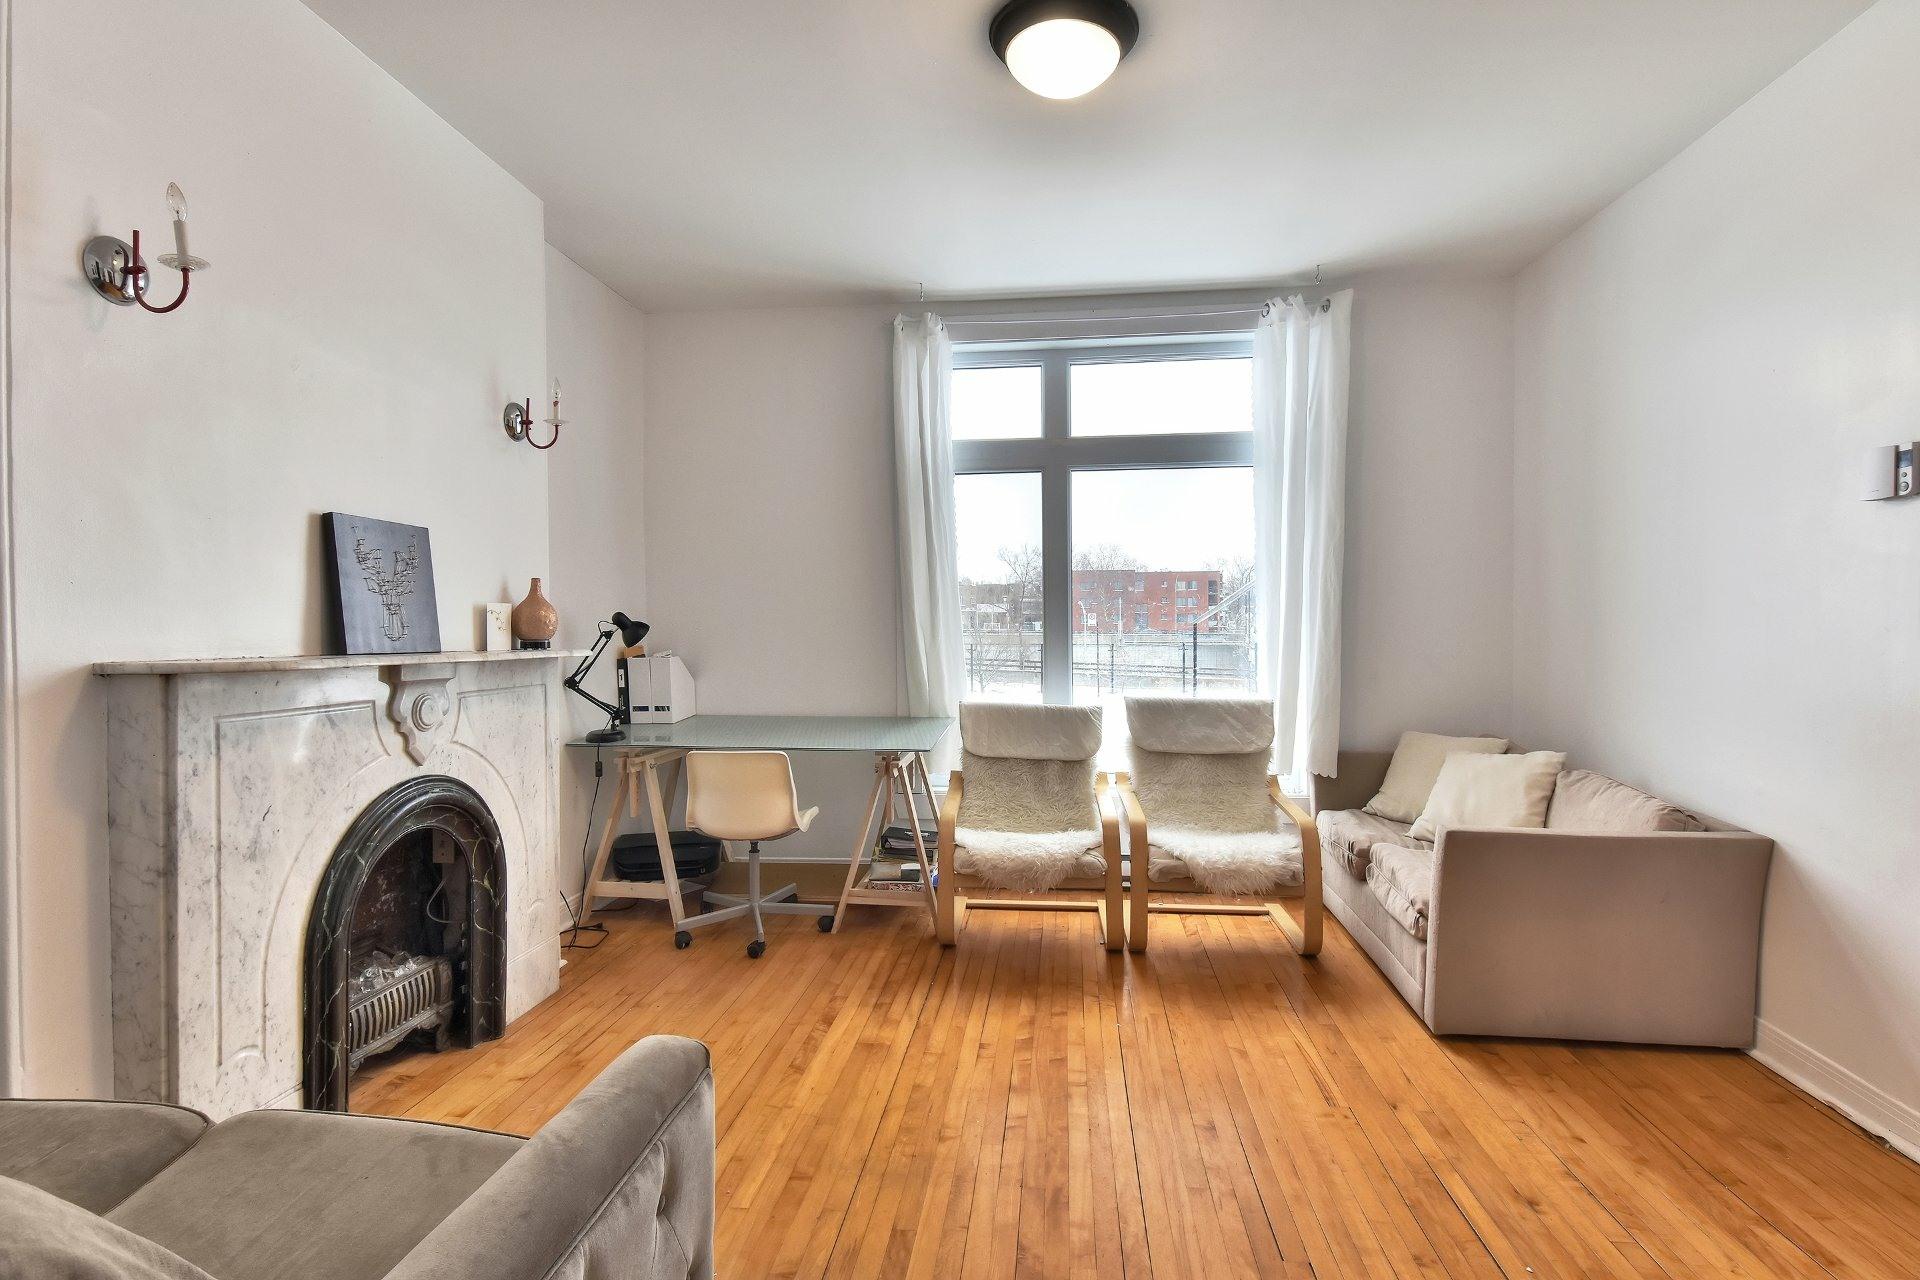 image 5 - Apartment For sale Montréal Côte-des-Neiges/Notre-Dame-de-Grâce  - 7 rooms